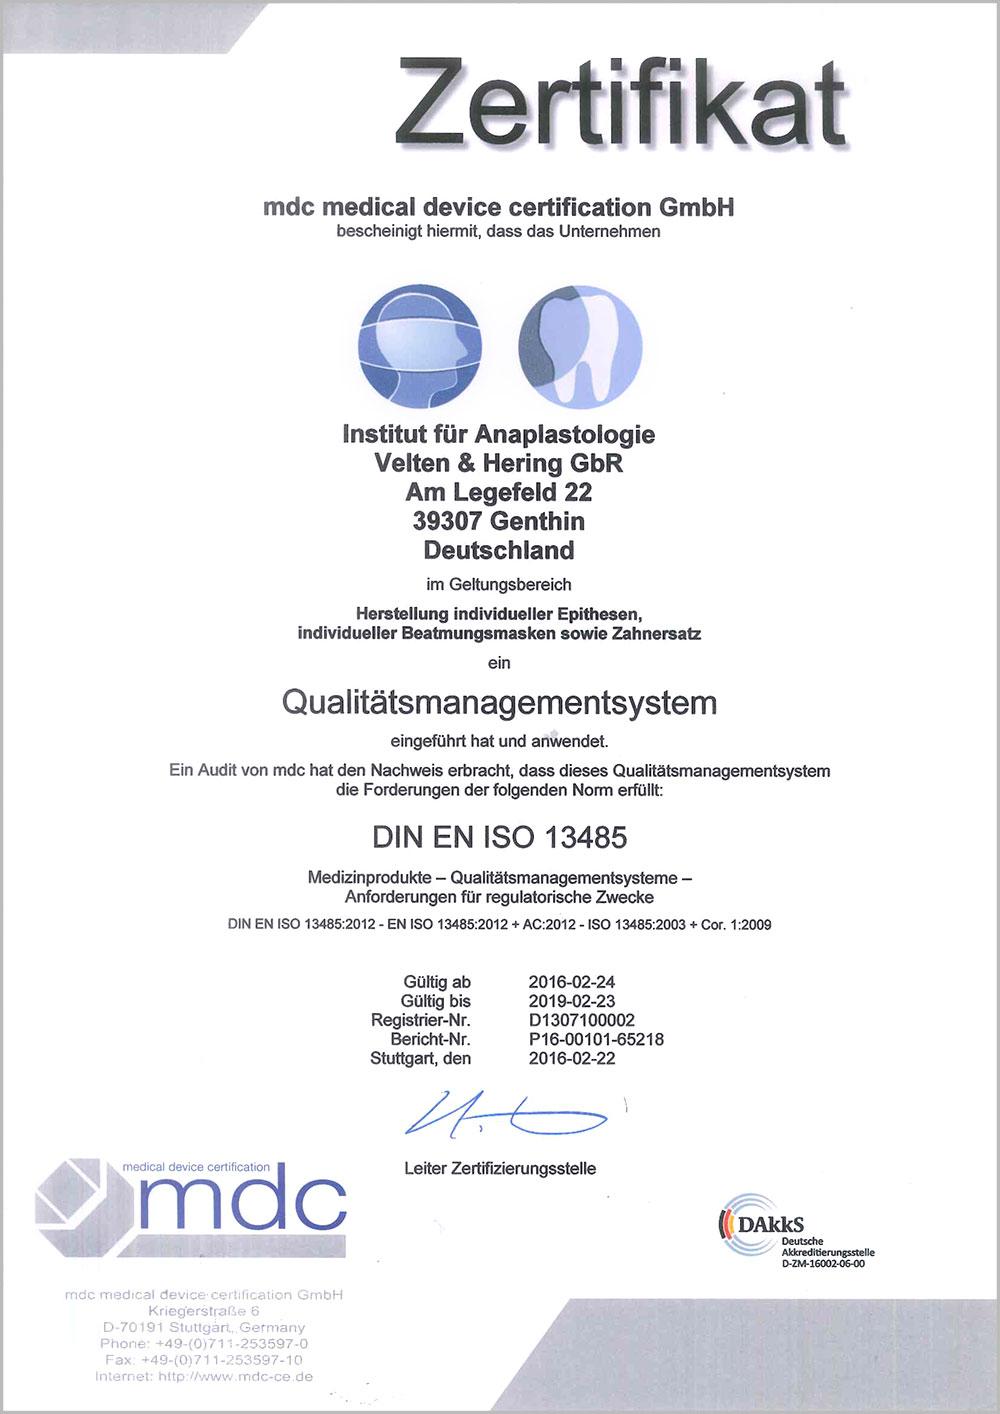 mdc-Zertifikat